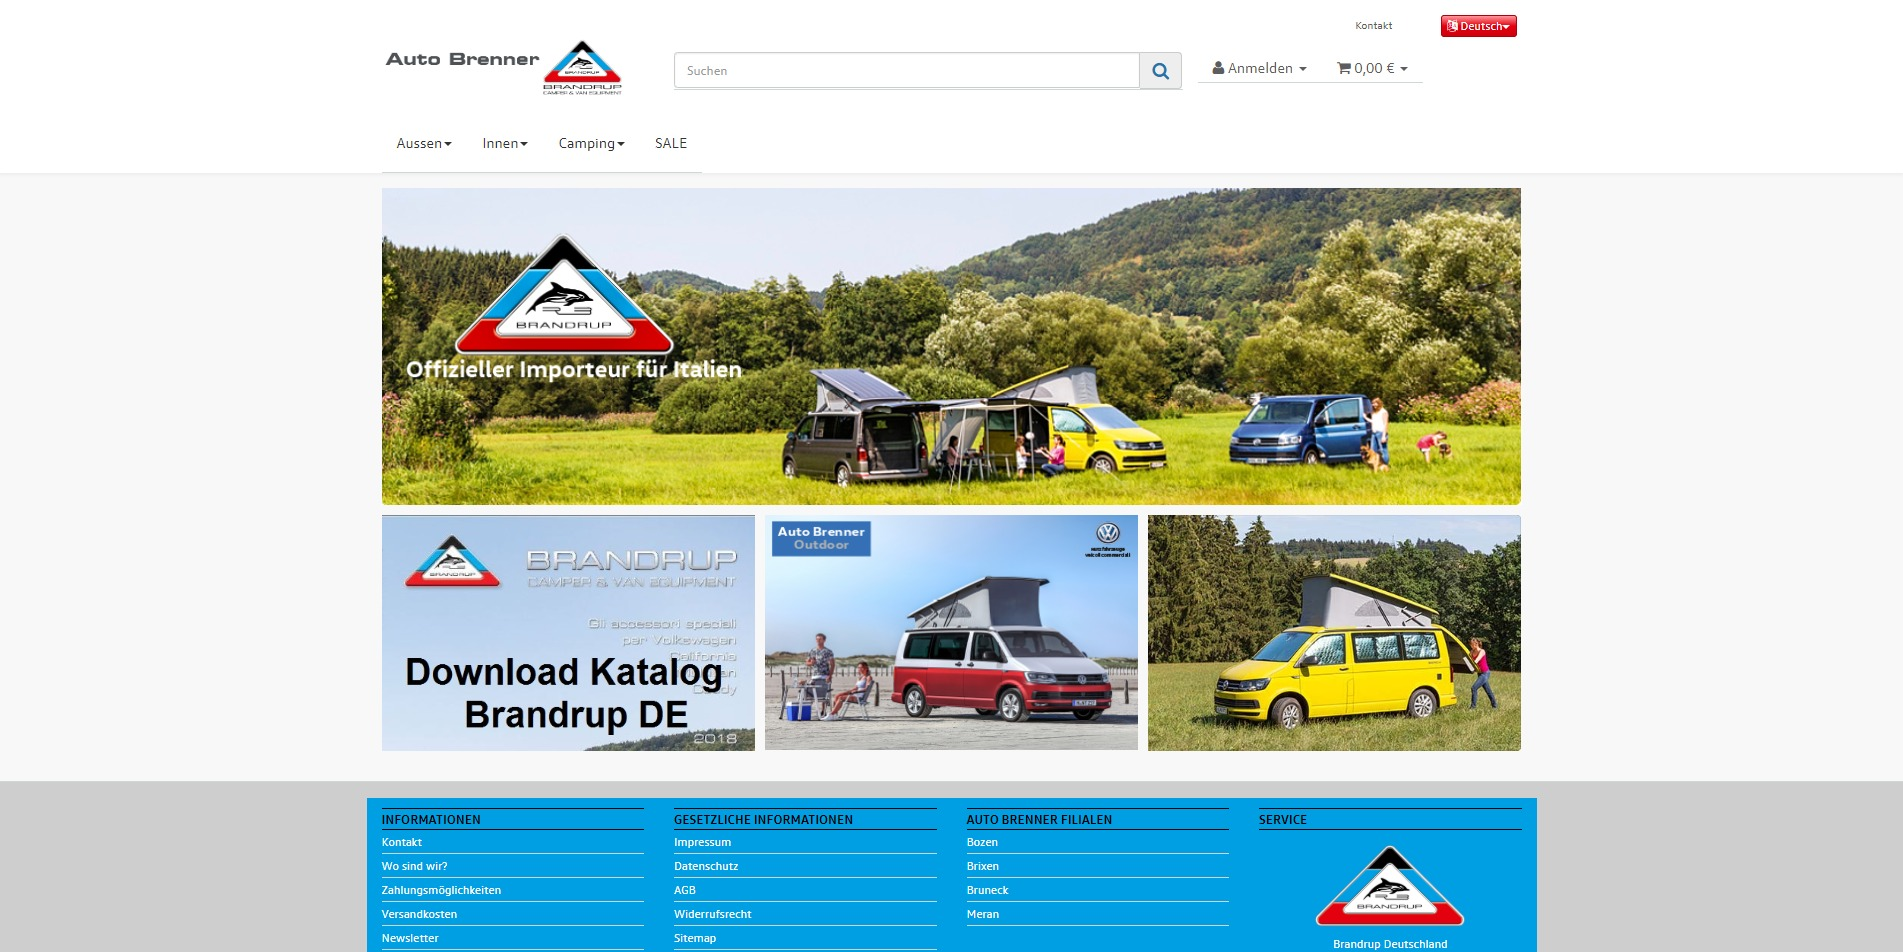 Auto Brenner Brandrup